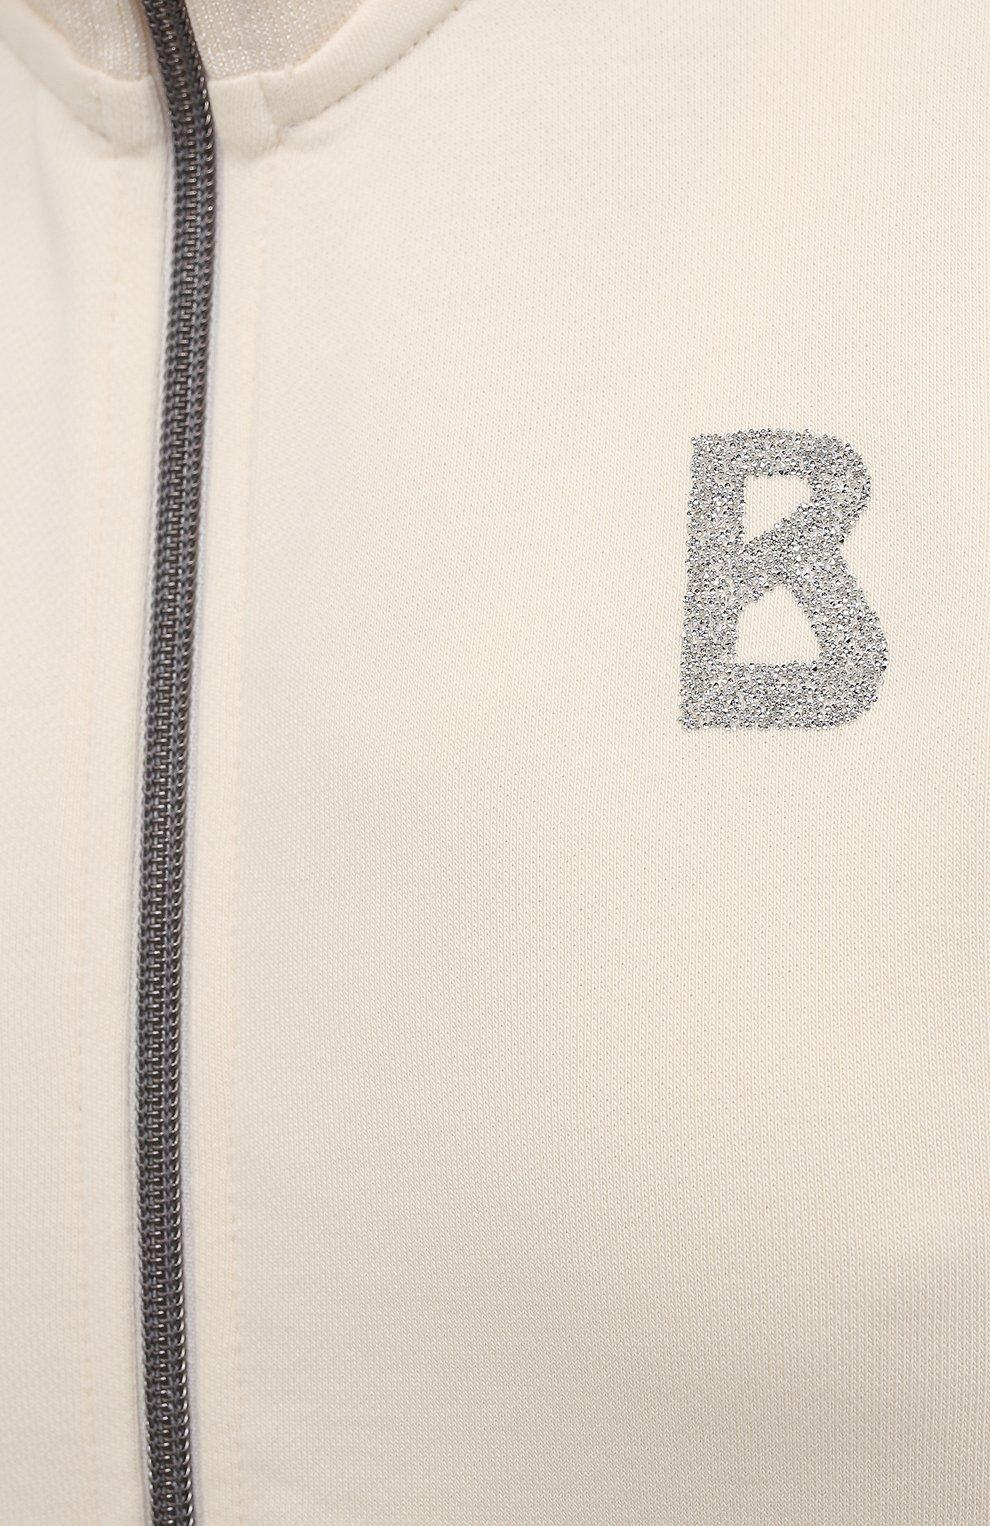 Женский хлопковая толстовка BOGNER бежевого цвета, арт. 86226678   Фото 5 (Рукава: Длинные; Женское Кросс-КТ: Толстовка-спорт, Толстовка-одежда, Кардиган-одежда; Кросс-КТ: Спорт; Длина (для топов): Стандартные; Материал внешний: Хлопок; Стили: Спорт-шик)